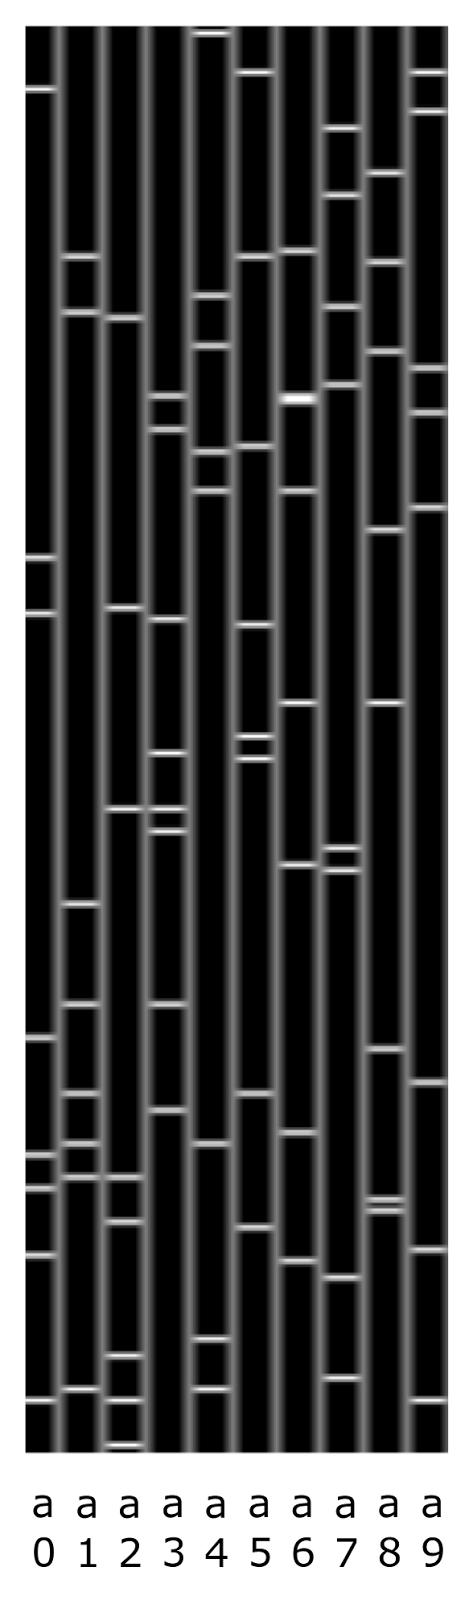 Логика сознания. Часть 12. Поиск закономерностей. Комбинаторное пространство - 3